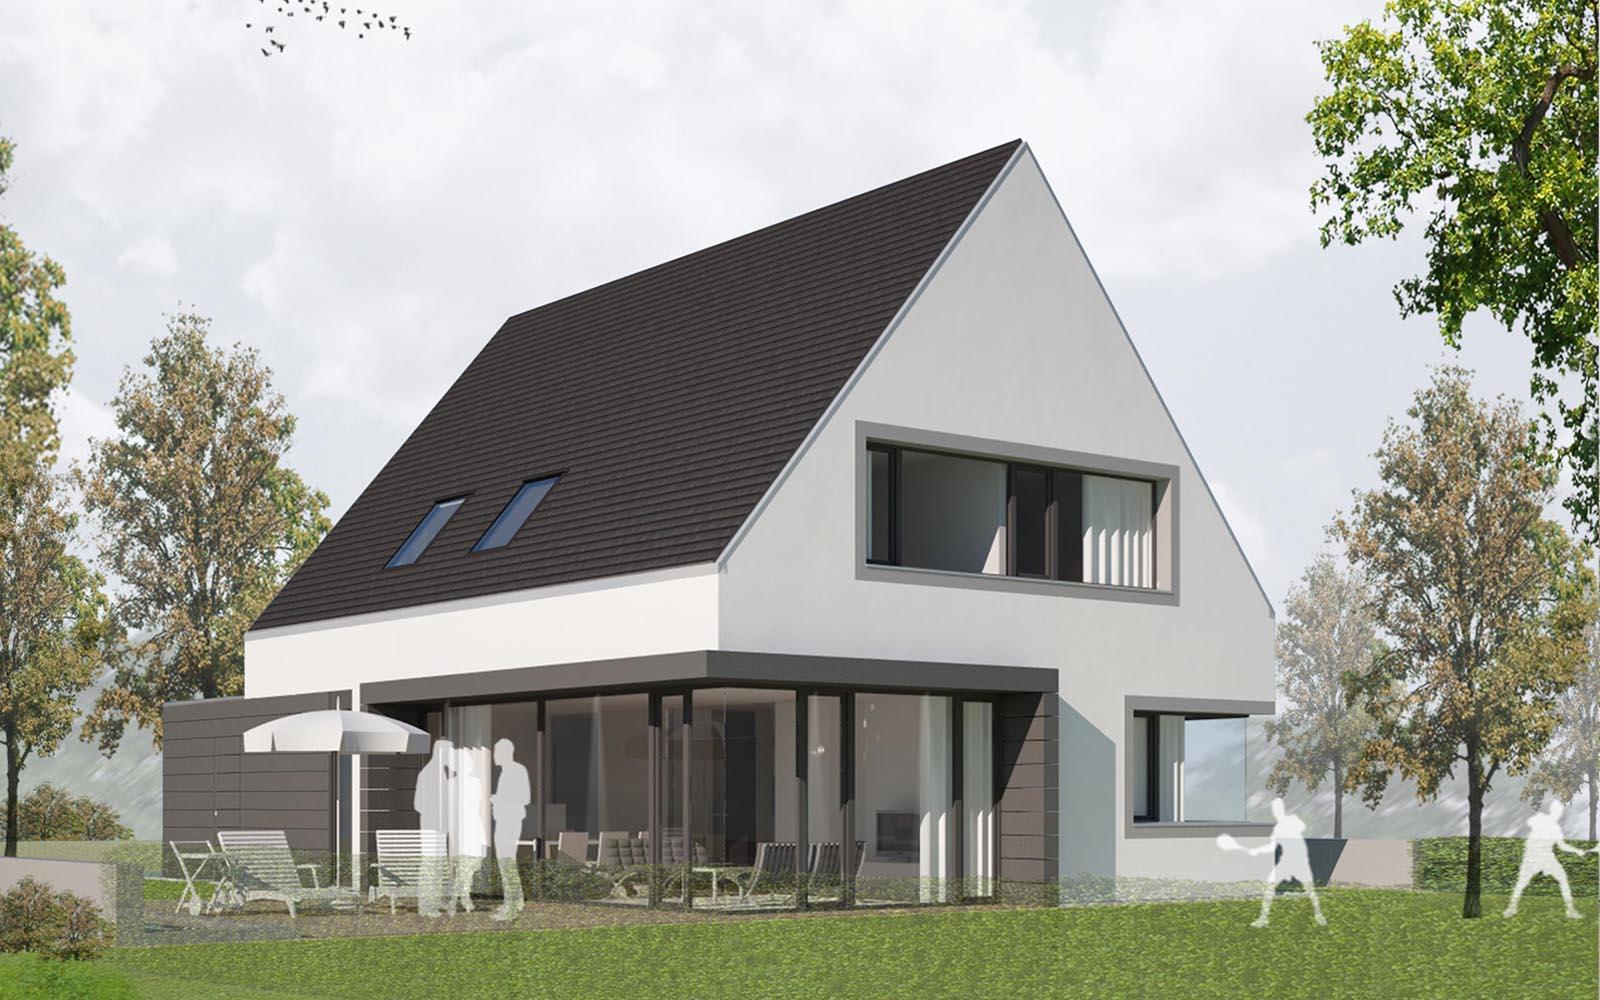 HAS_SteinwegClausArchitekten_freistehendes_Einfamilienhaus_Muenster_00006_Rendering